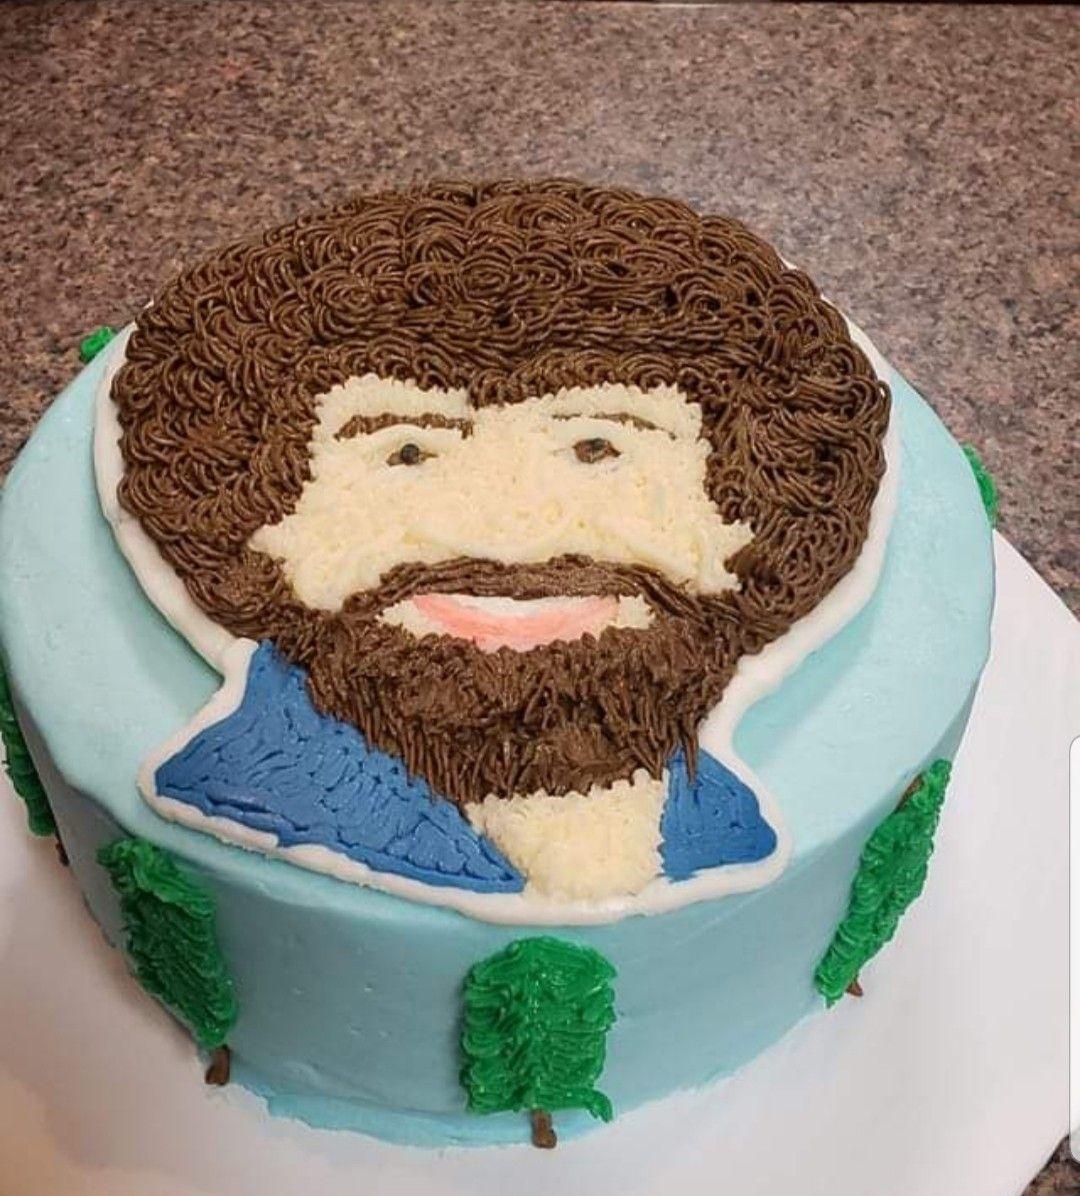 Bob Ross Cake In 2020 Bob Ross Birthday How To Make Cake Bob Ross